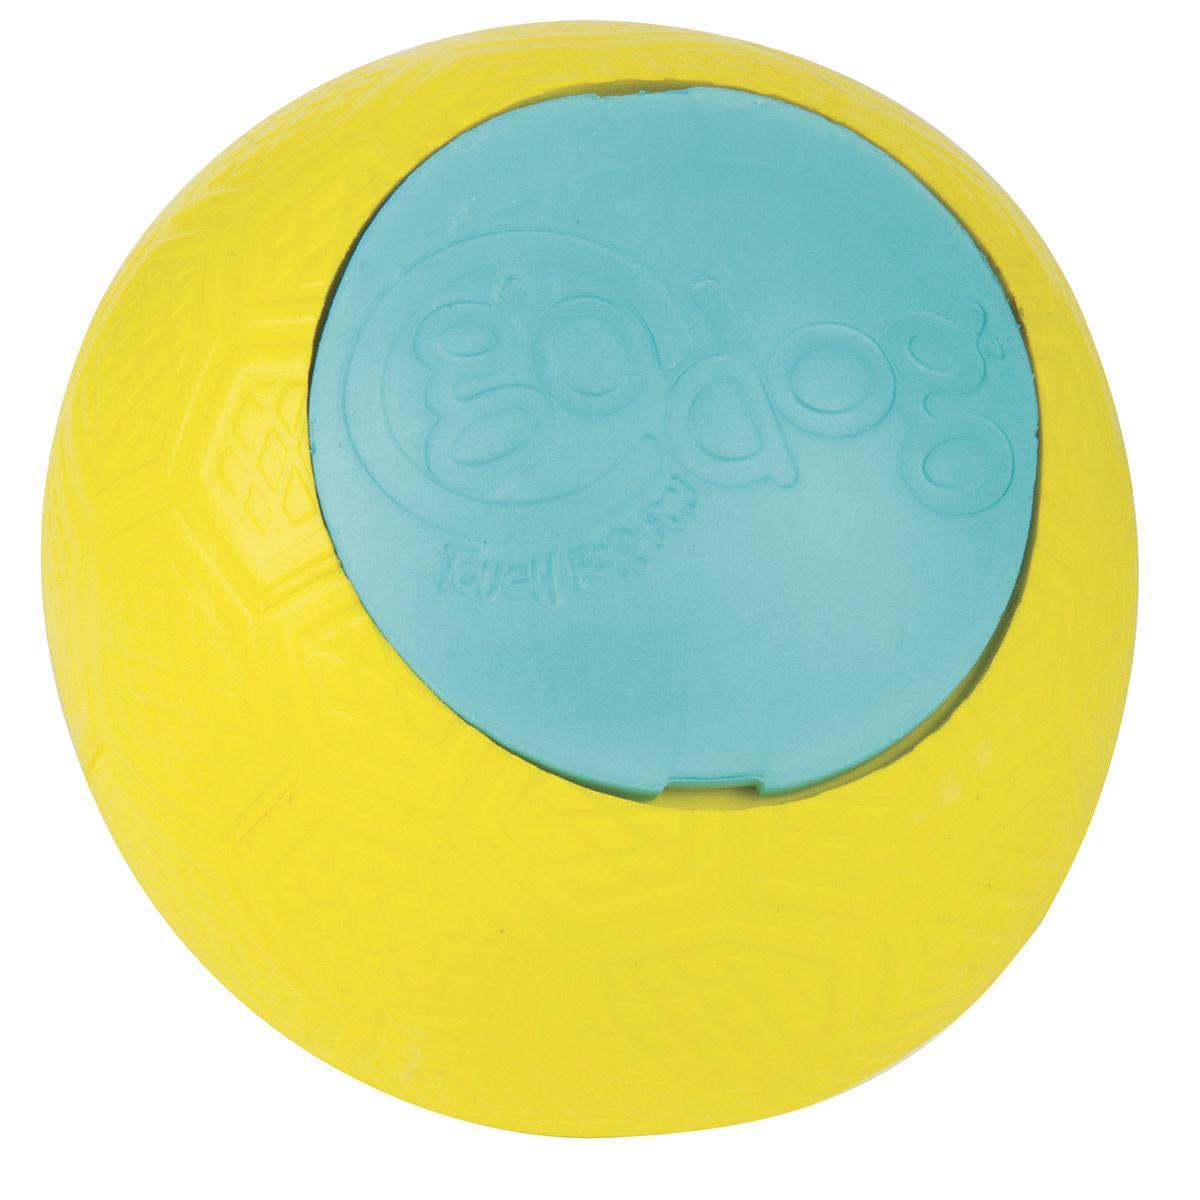 goDog RhinoPlay Beast jr Dog Toy - Play Fetch and More